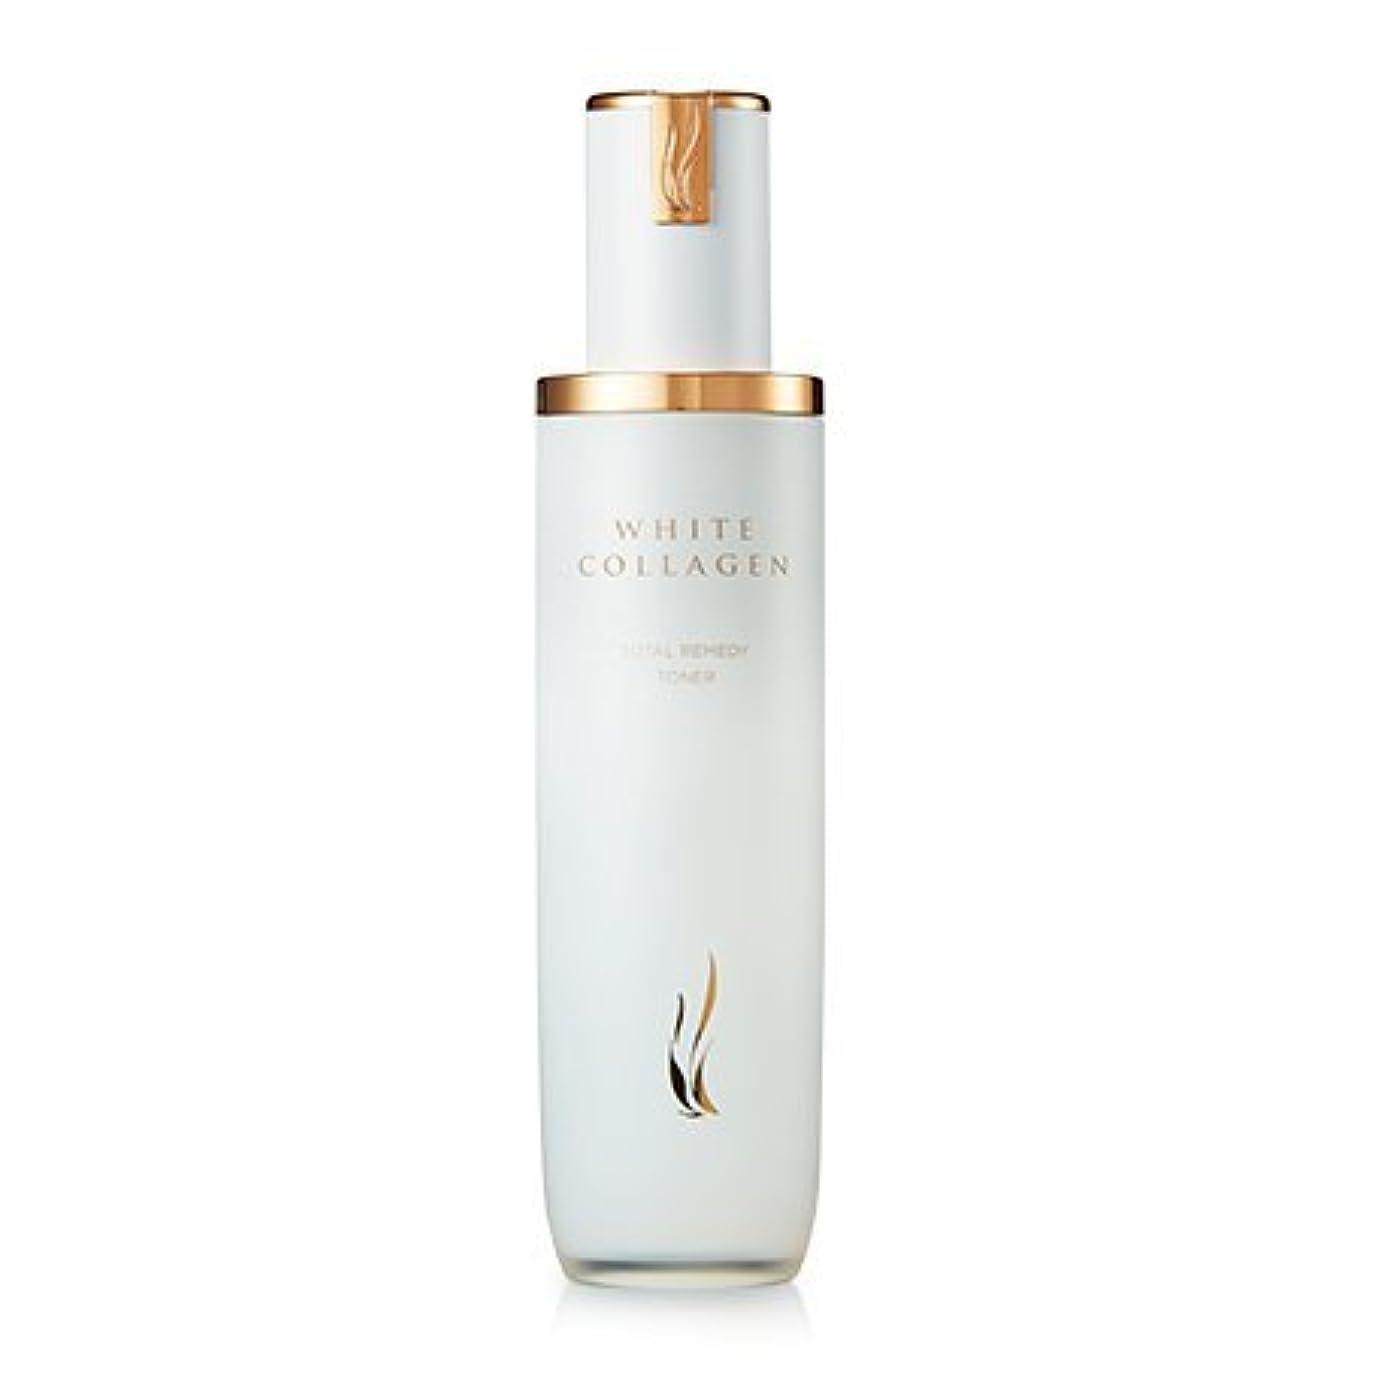 電気技師起点追記[New] A.H.C (AHC) White Collagen Total Remedy Toner 130ml/A.H.C ホワイト コラーゲン トータル レミディ トナー 130ml [並行輸入品]